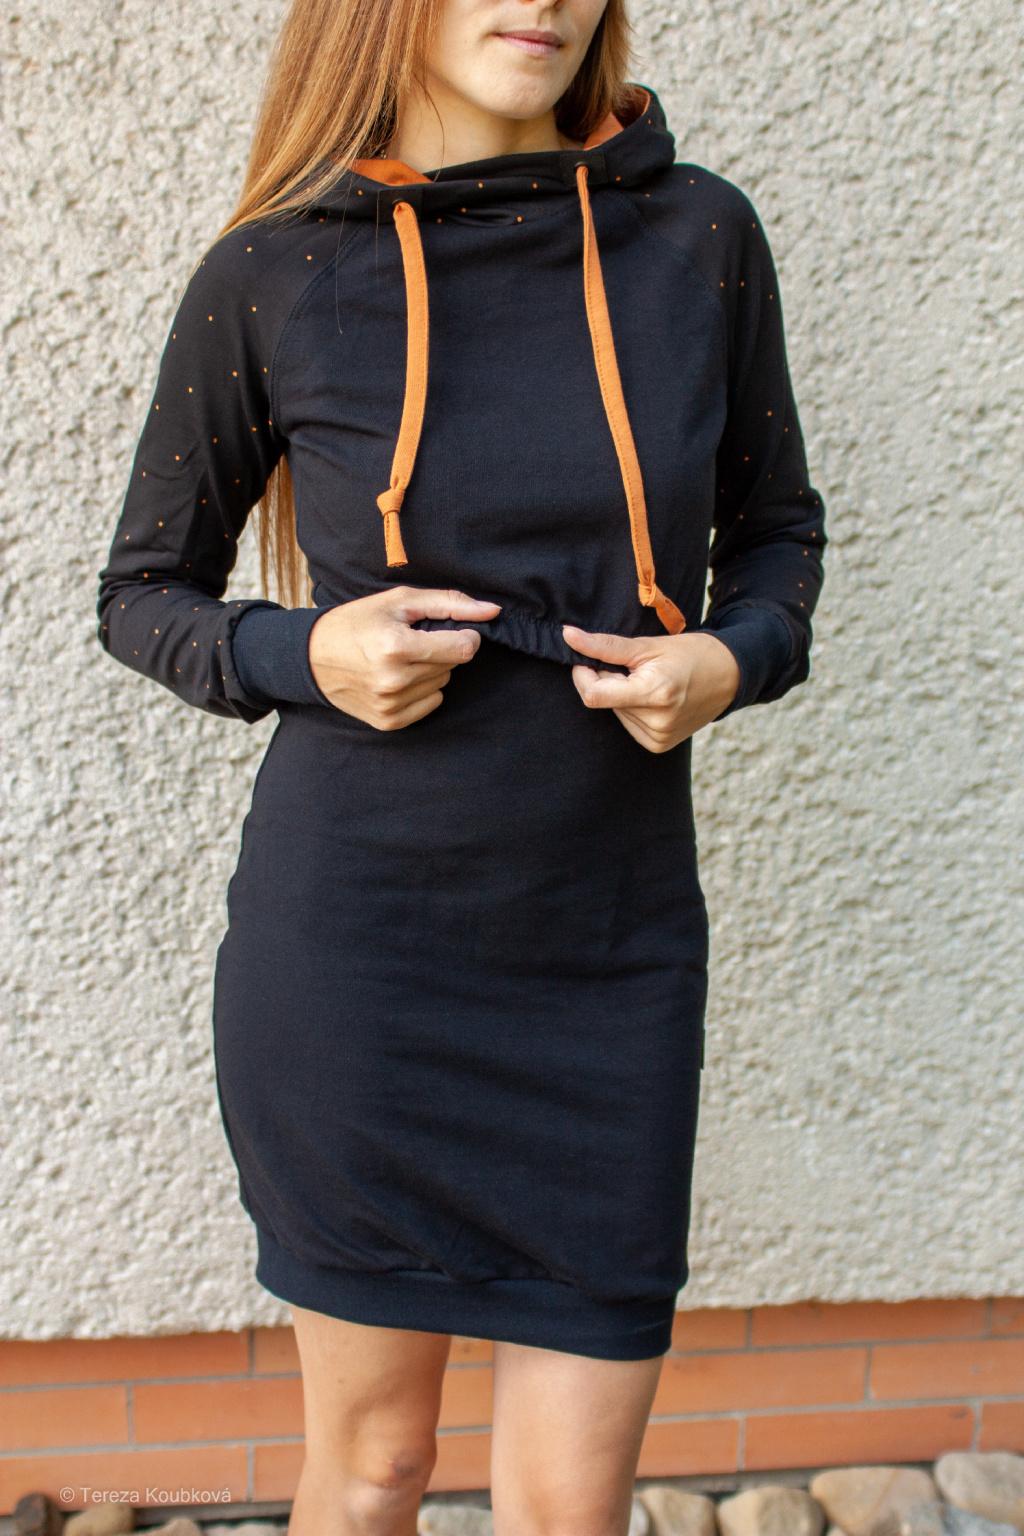 Kojicí mikinové šaty Jsem máma, skořicový puntík